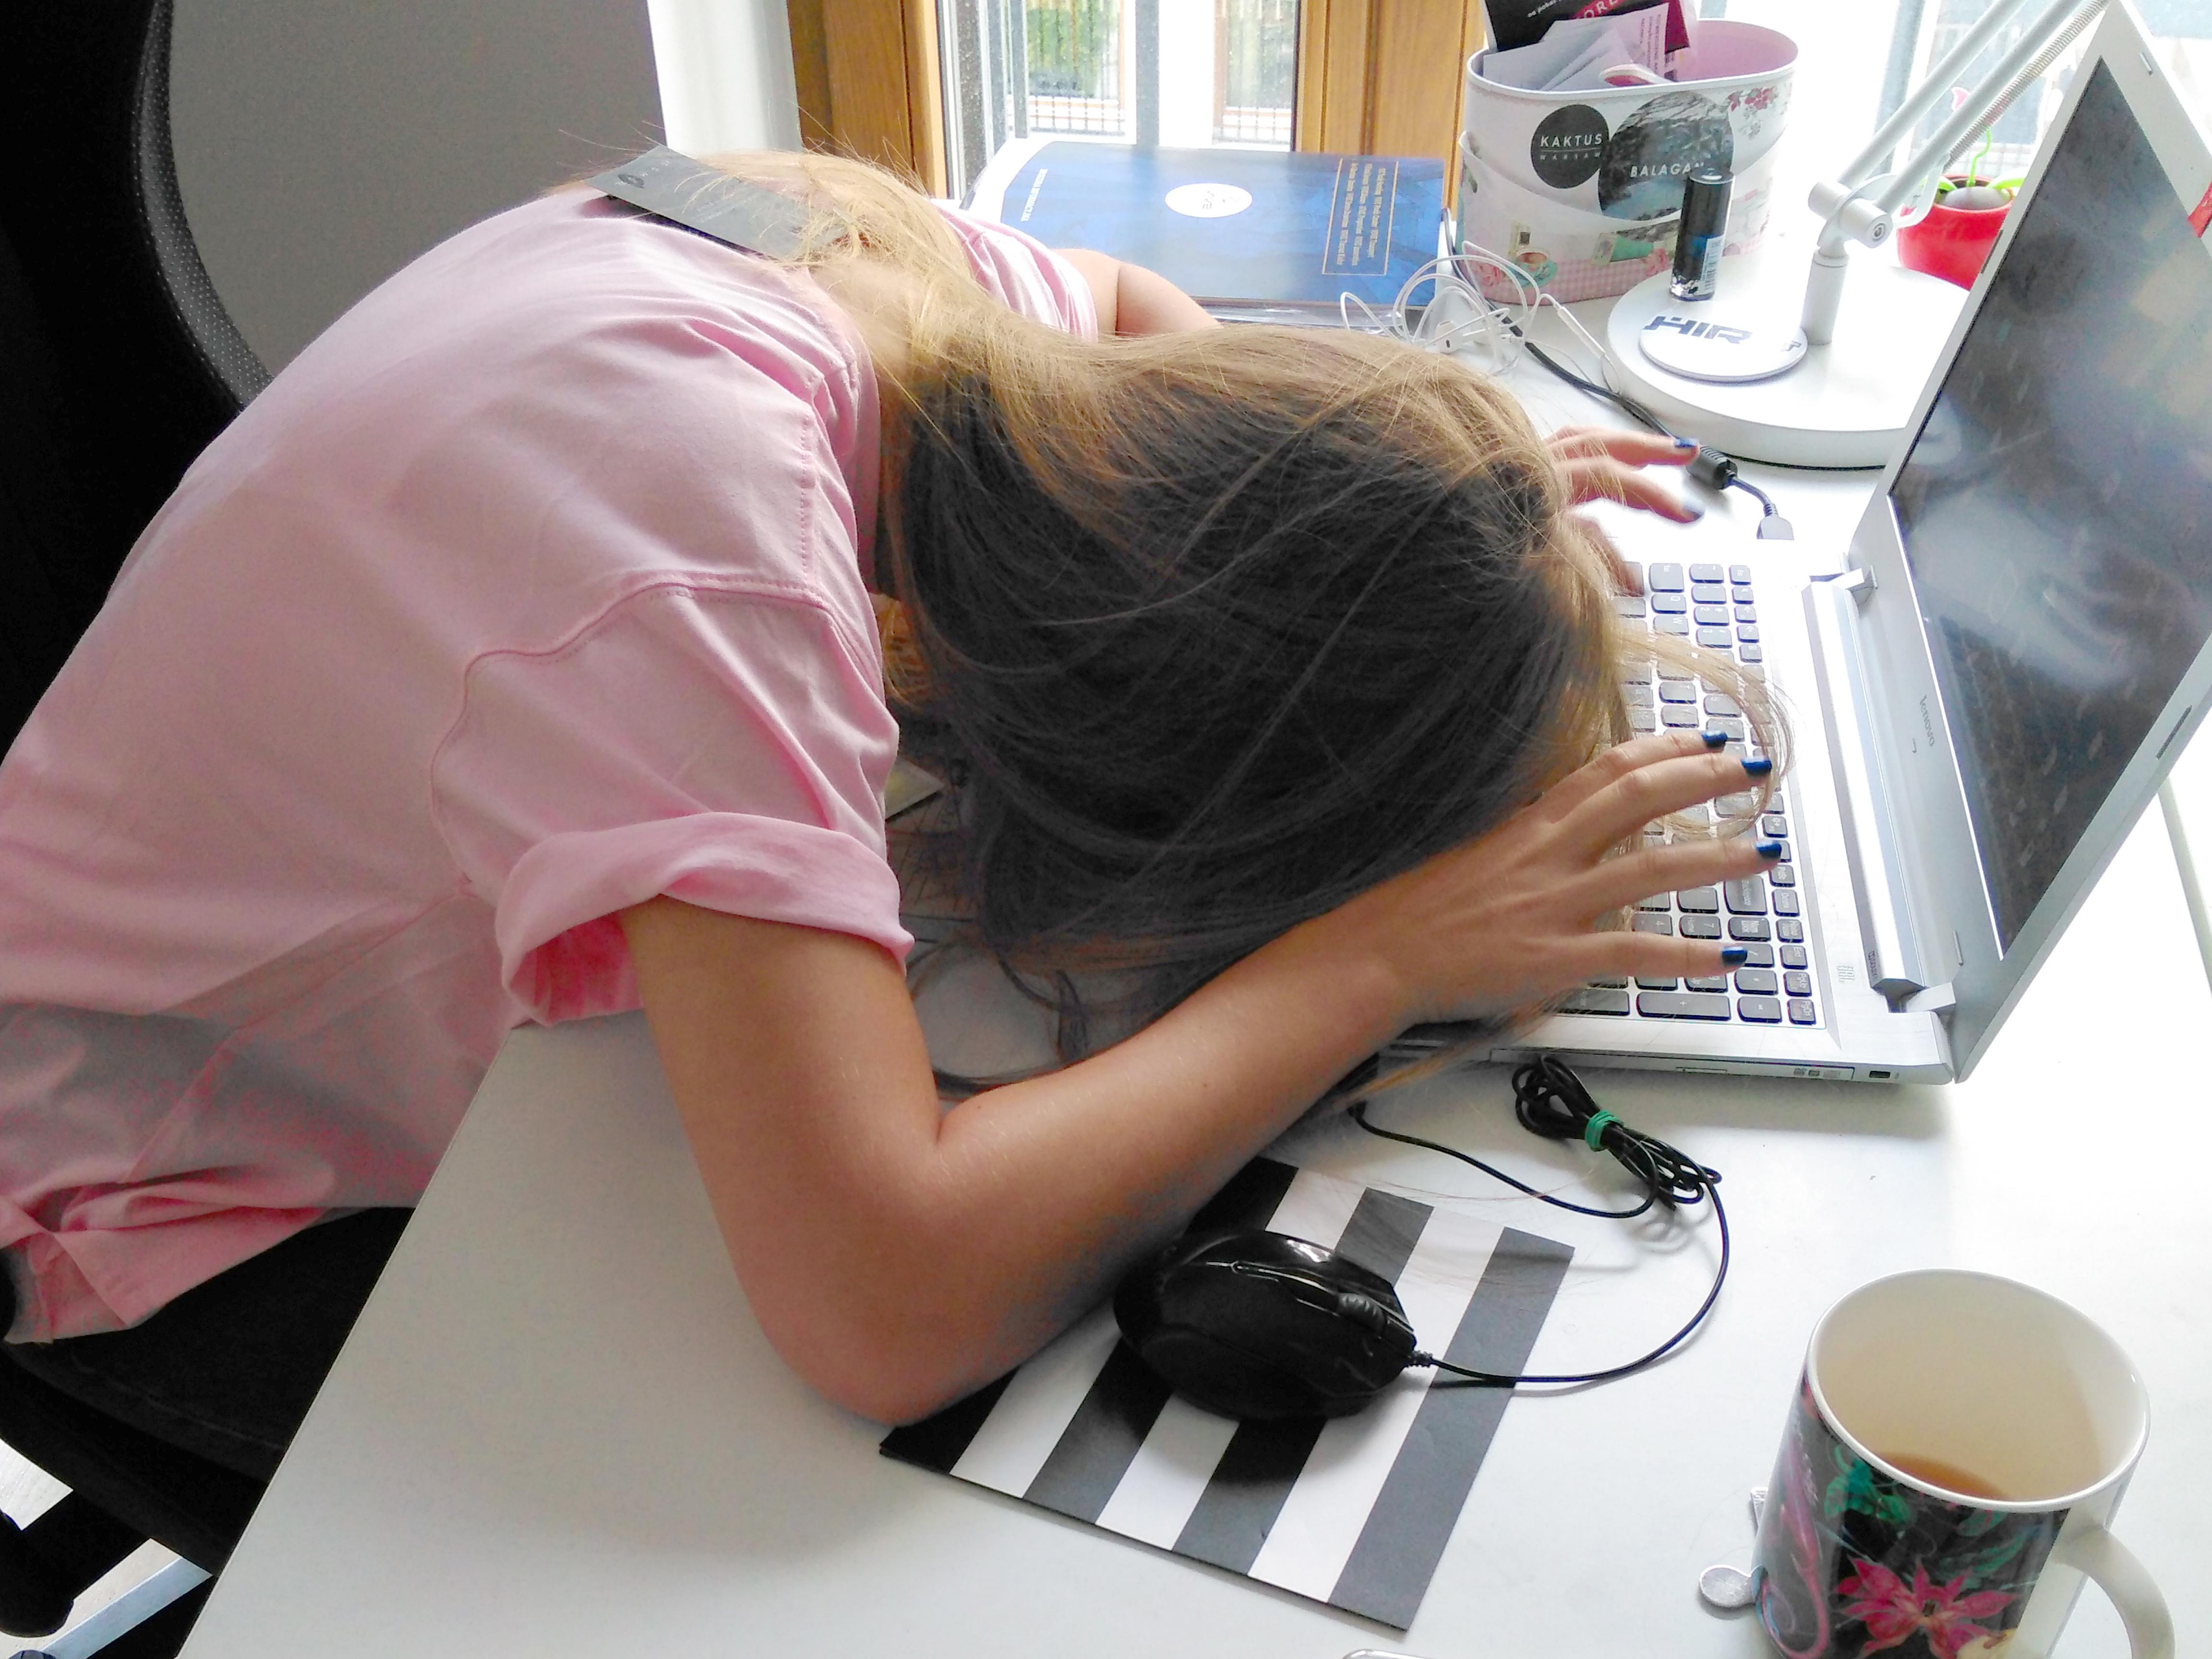 Kobieta w różowym t-shircie leży na biurku z twarzą zasłoniętą włosami